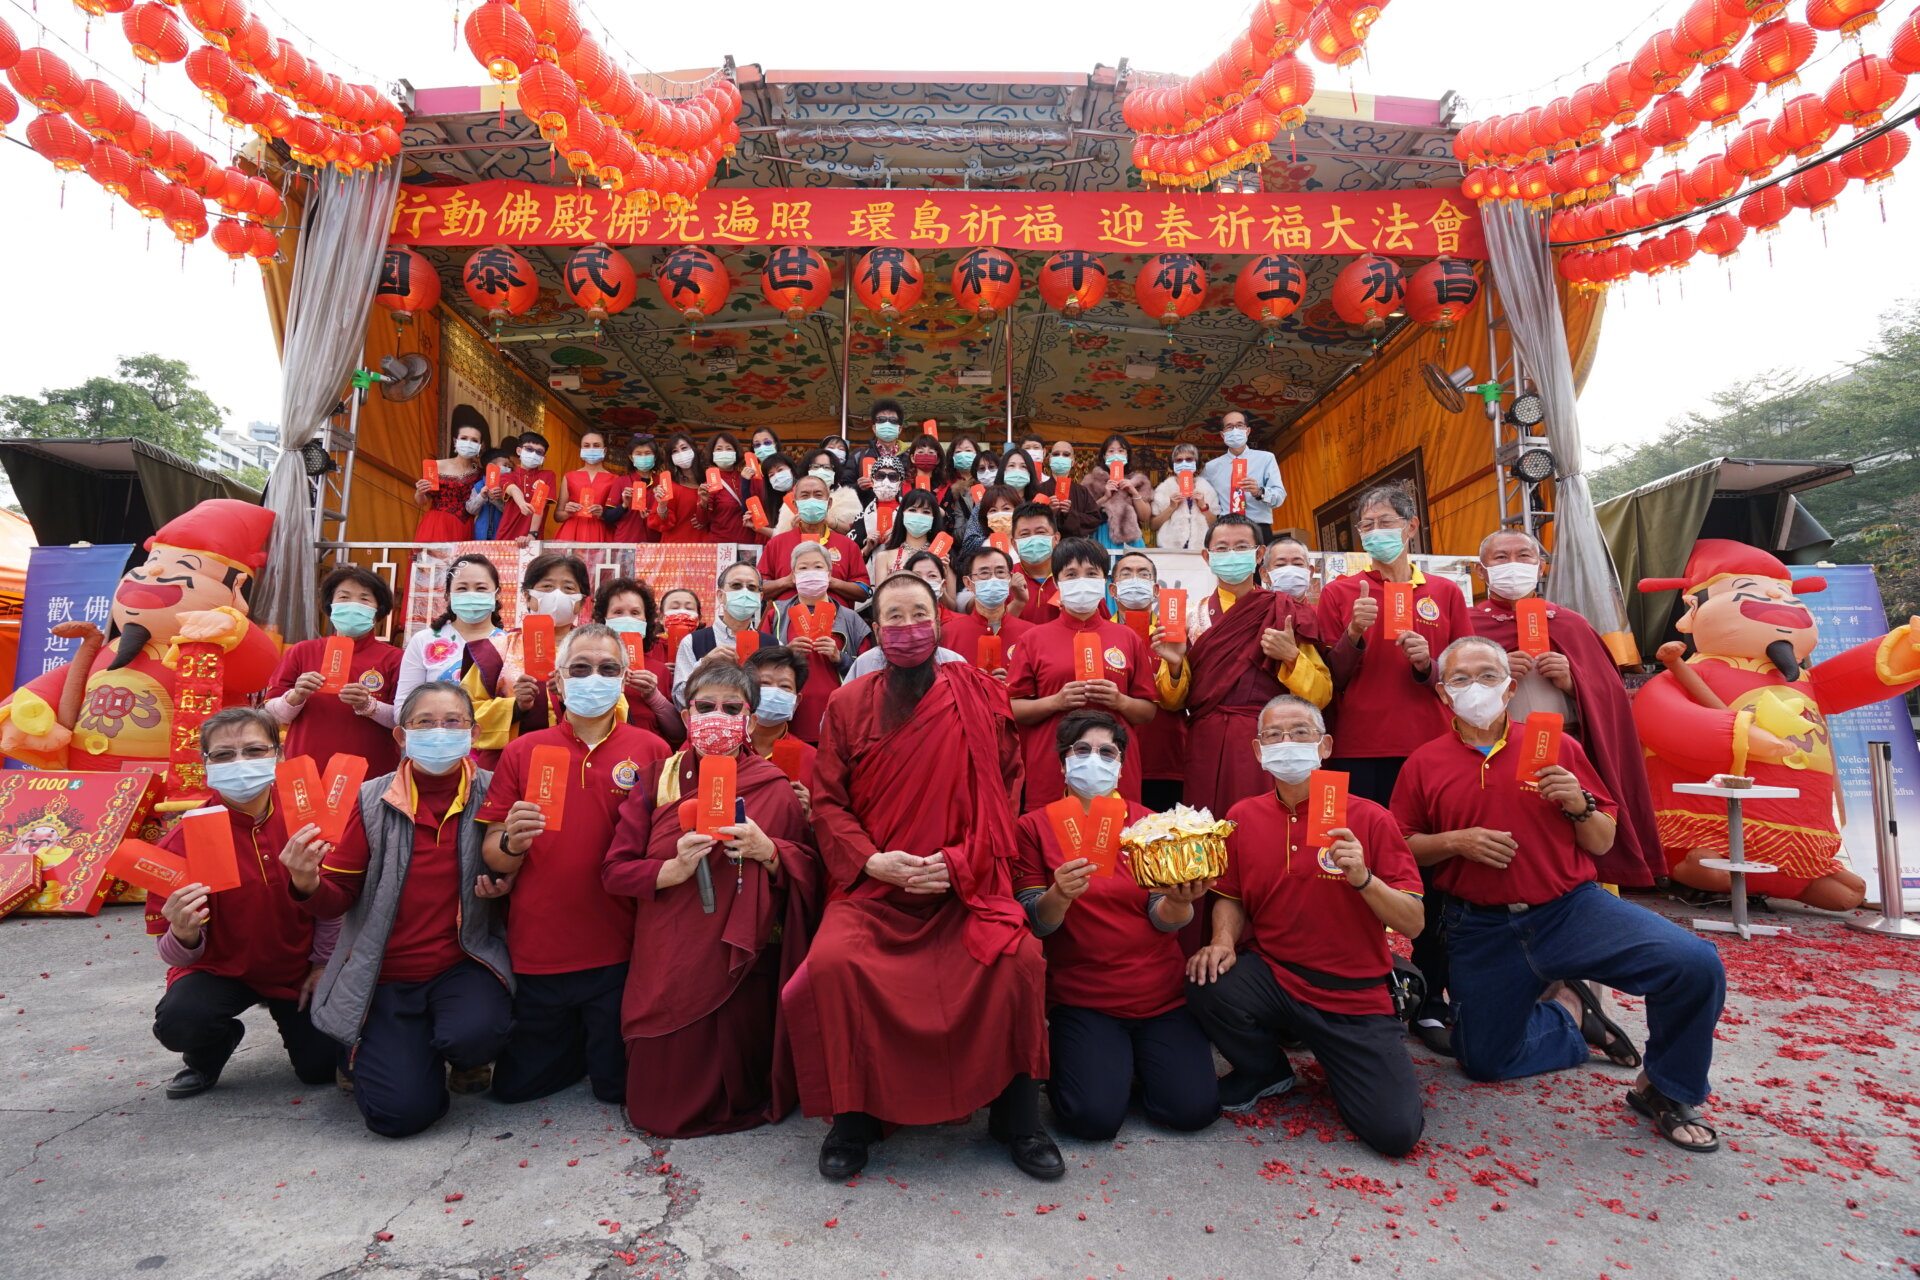 行動佛殿123站高雄前鎮,本會指導上師恆性嘉措仁波且帶領所有義工師兄姊祝賀新年